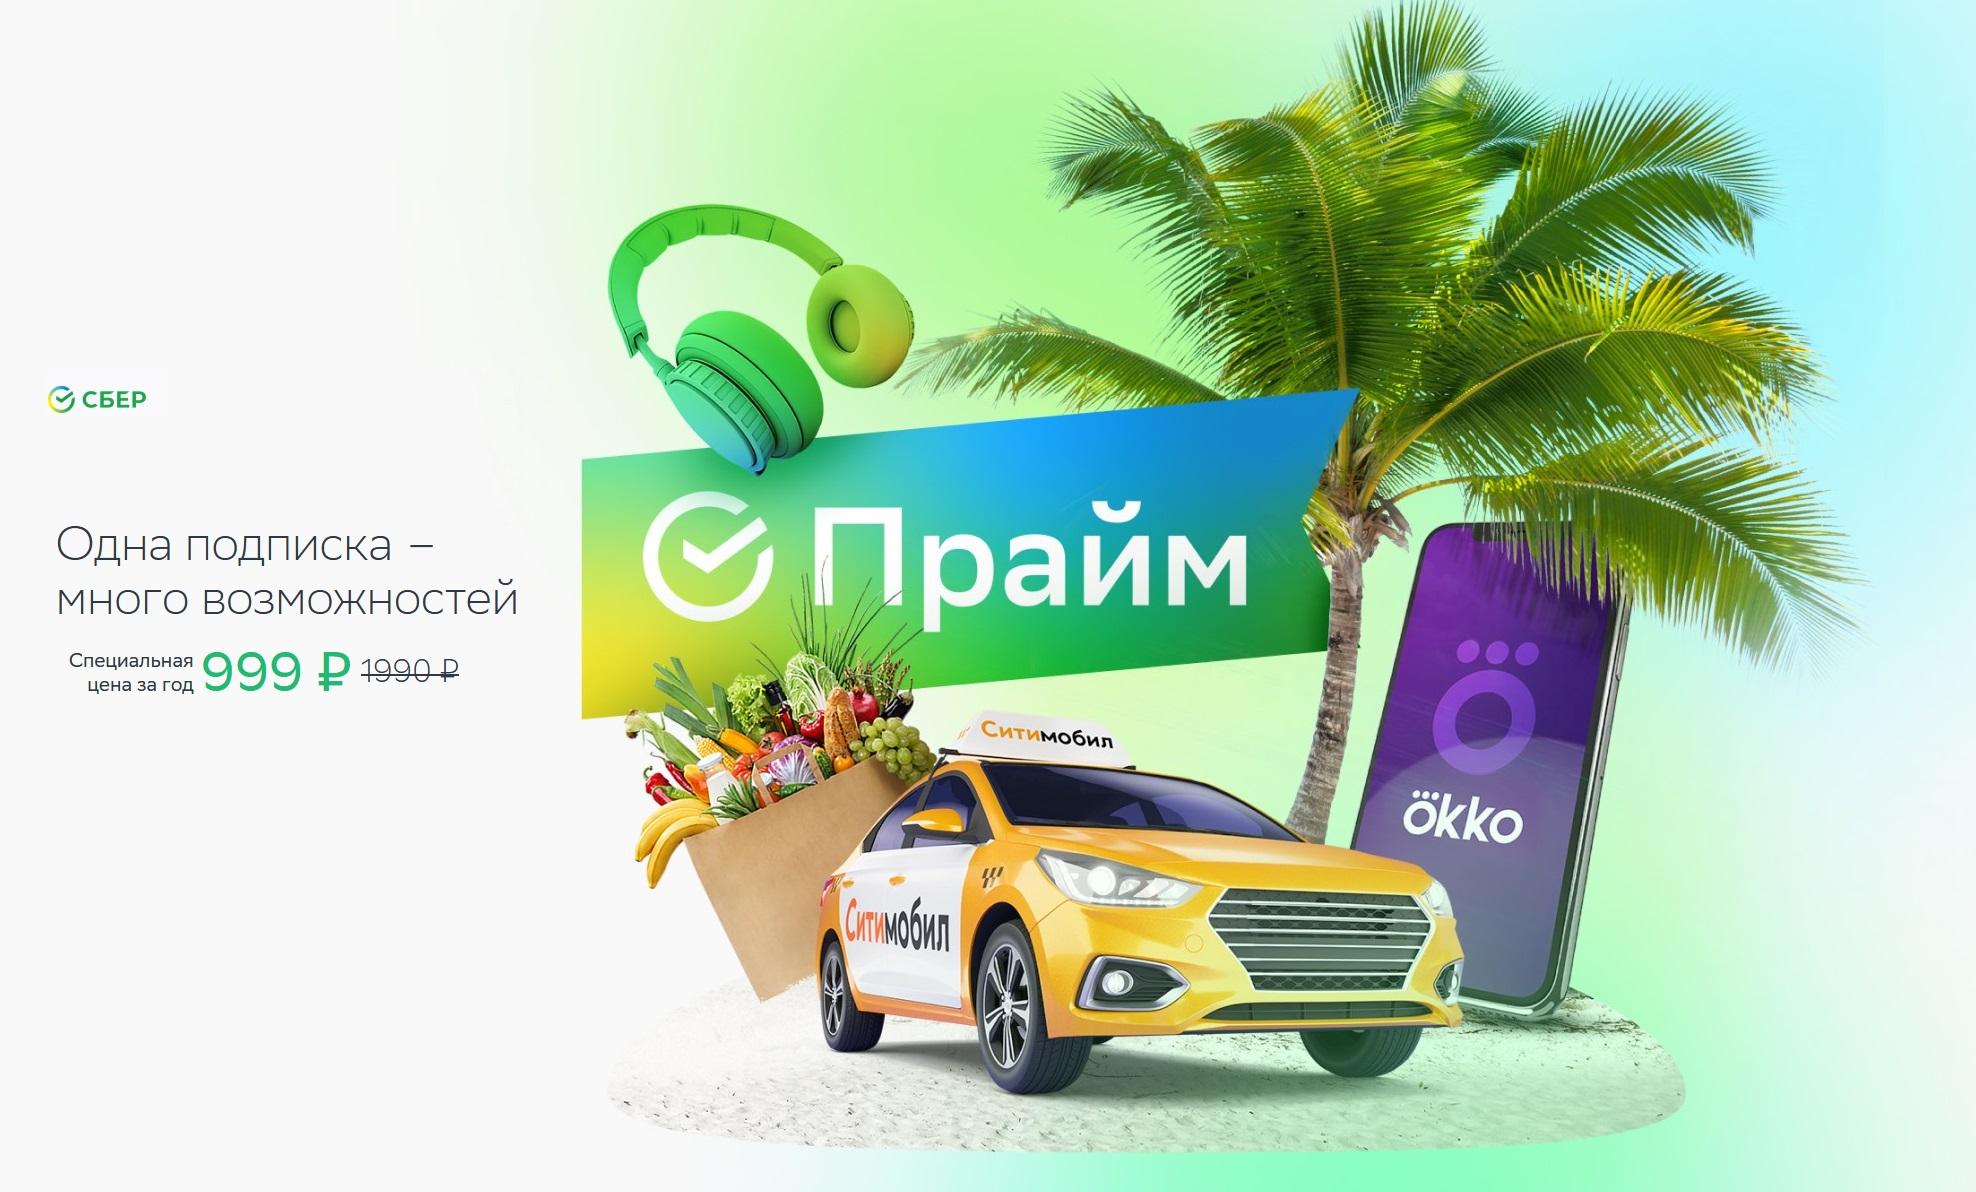 Сбер представил СберПрайм — базовую подписку на сервисы своей экосистемы за 199 рублей в месяц 1